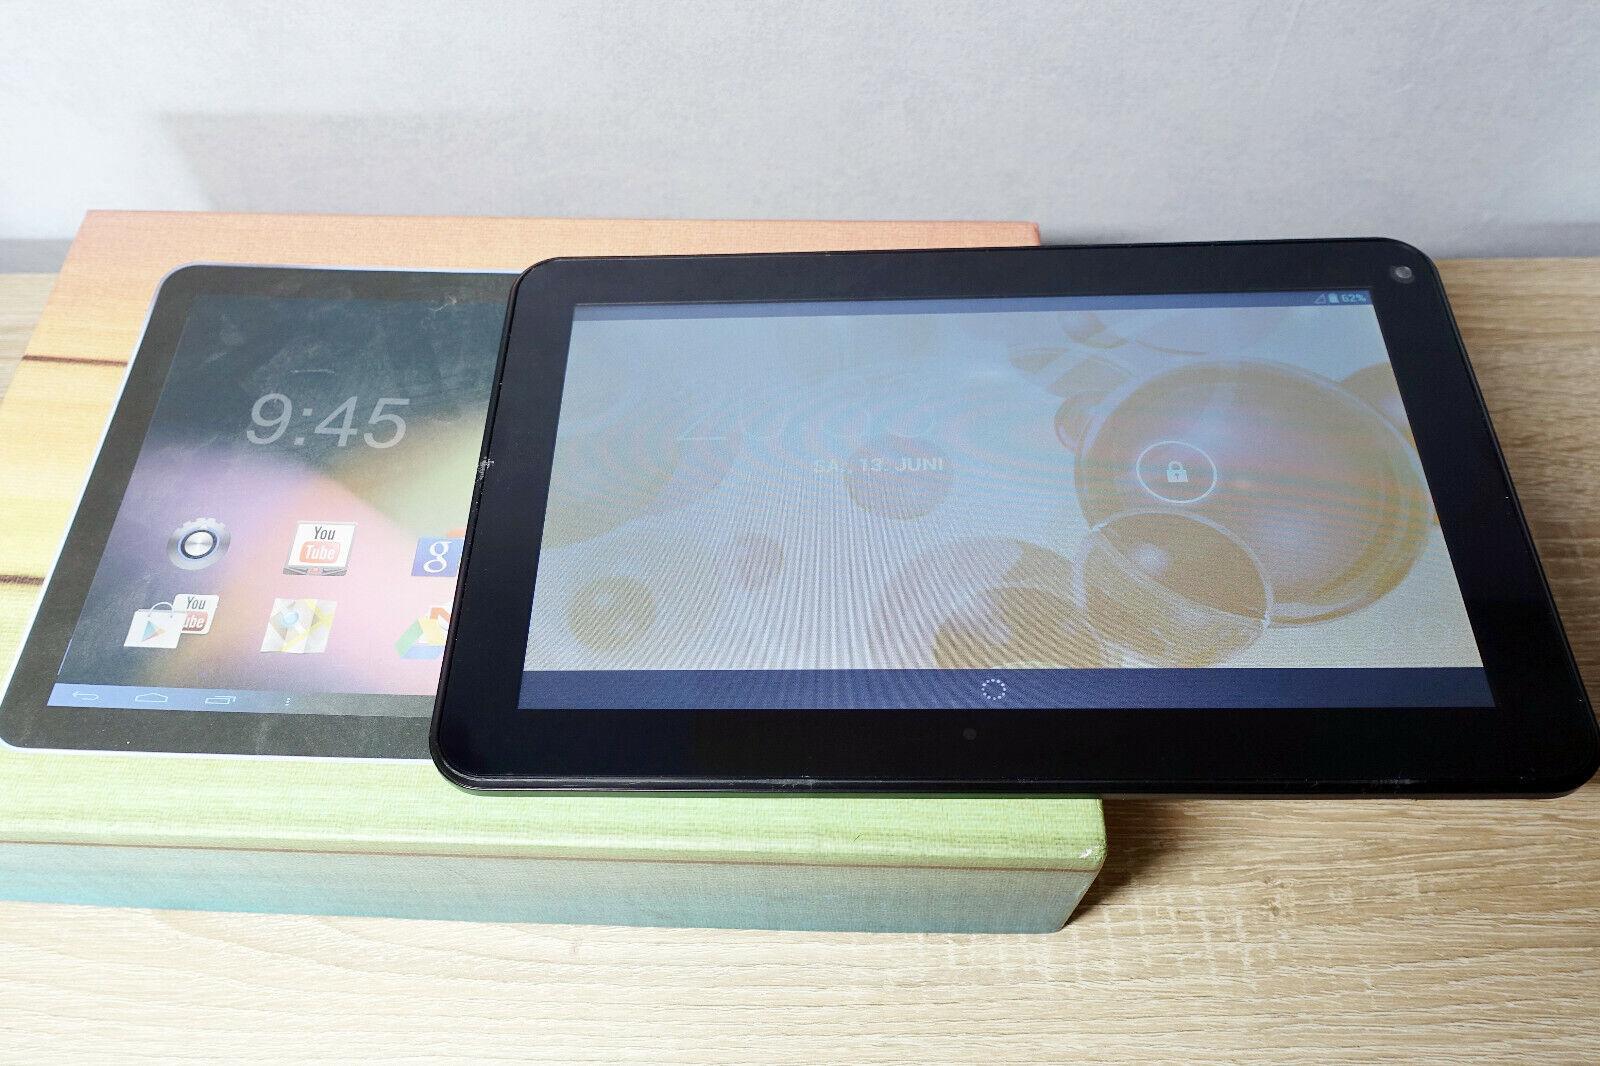 Tablet 10 zoll - Weiss - Android 4.2 - Dual Core - AllWinnerTech